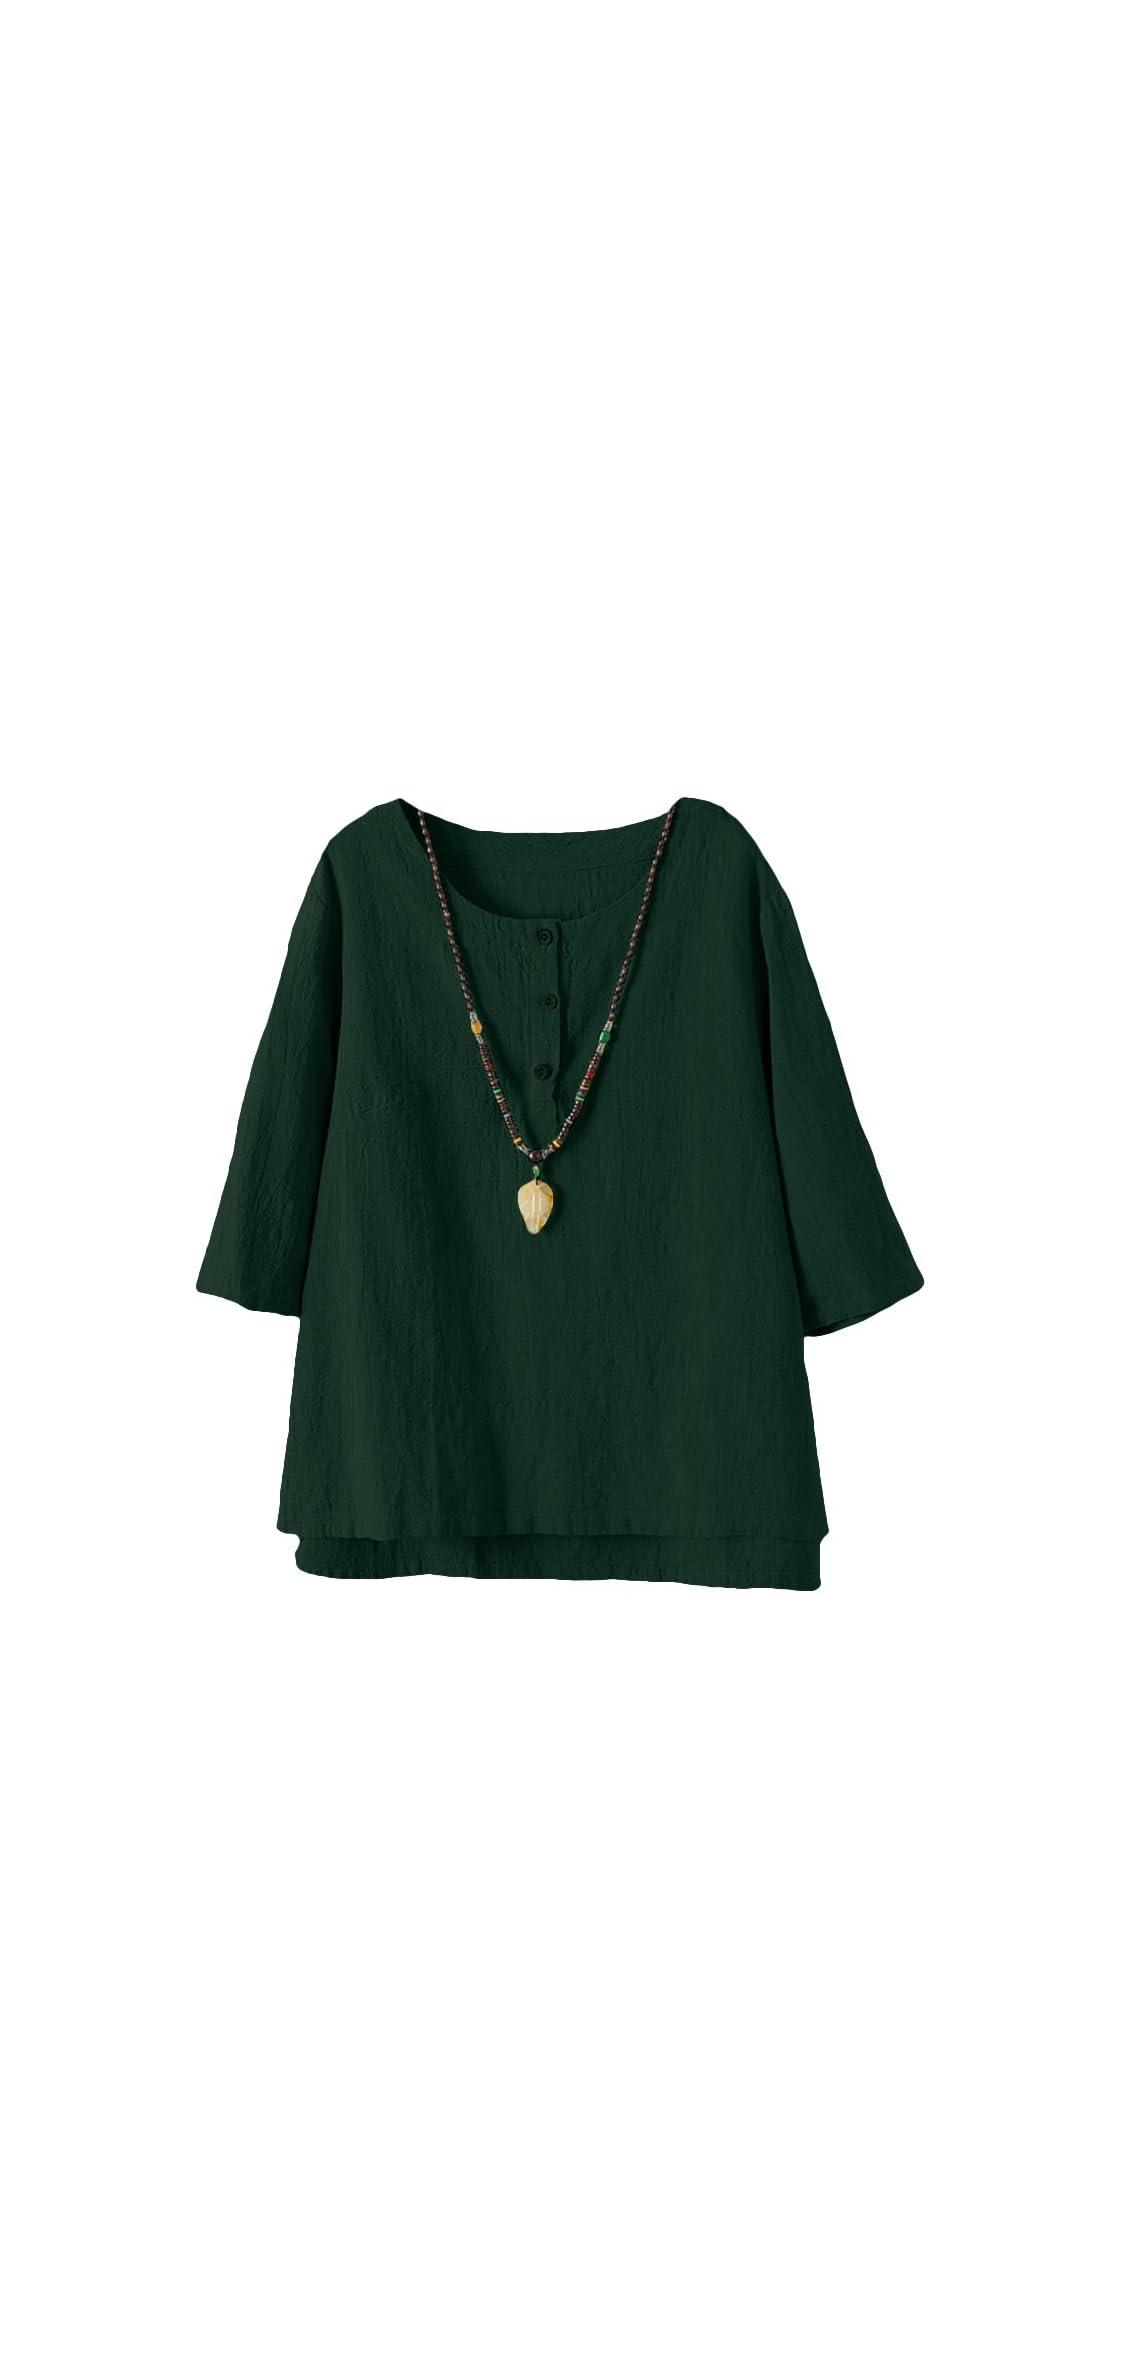 Women's / Sleeve Cotton Linen Jacquard Blouses Top